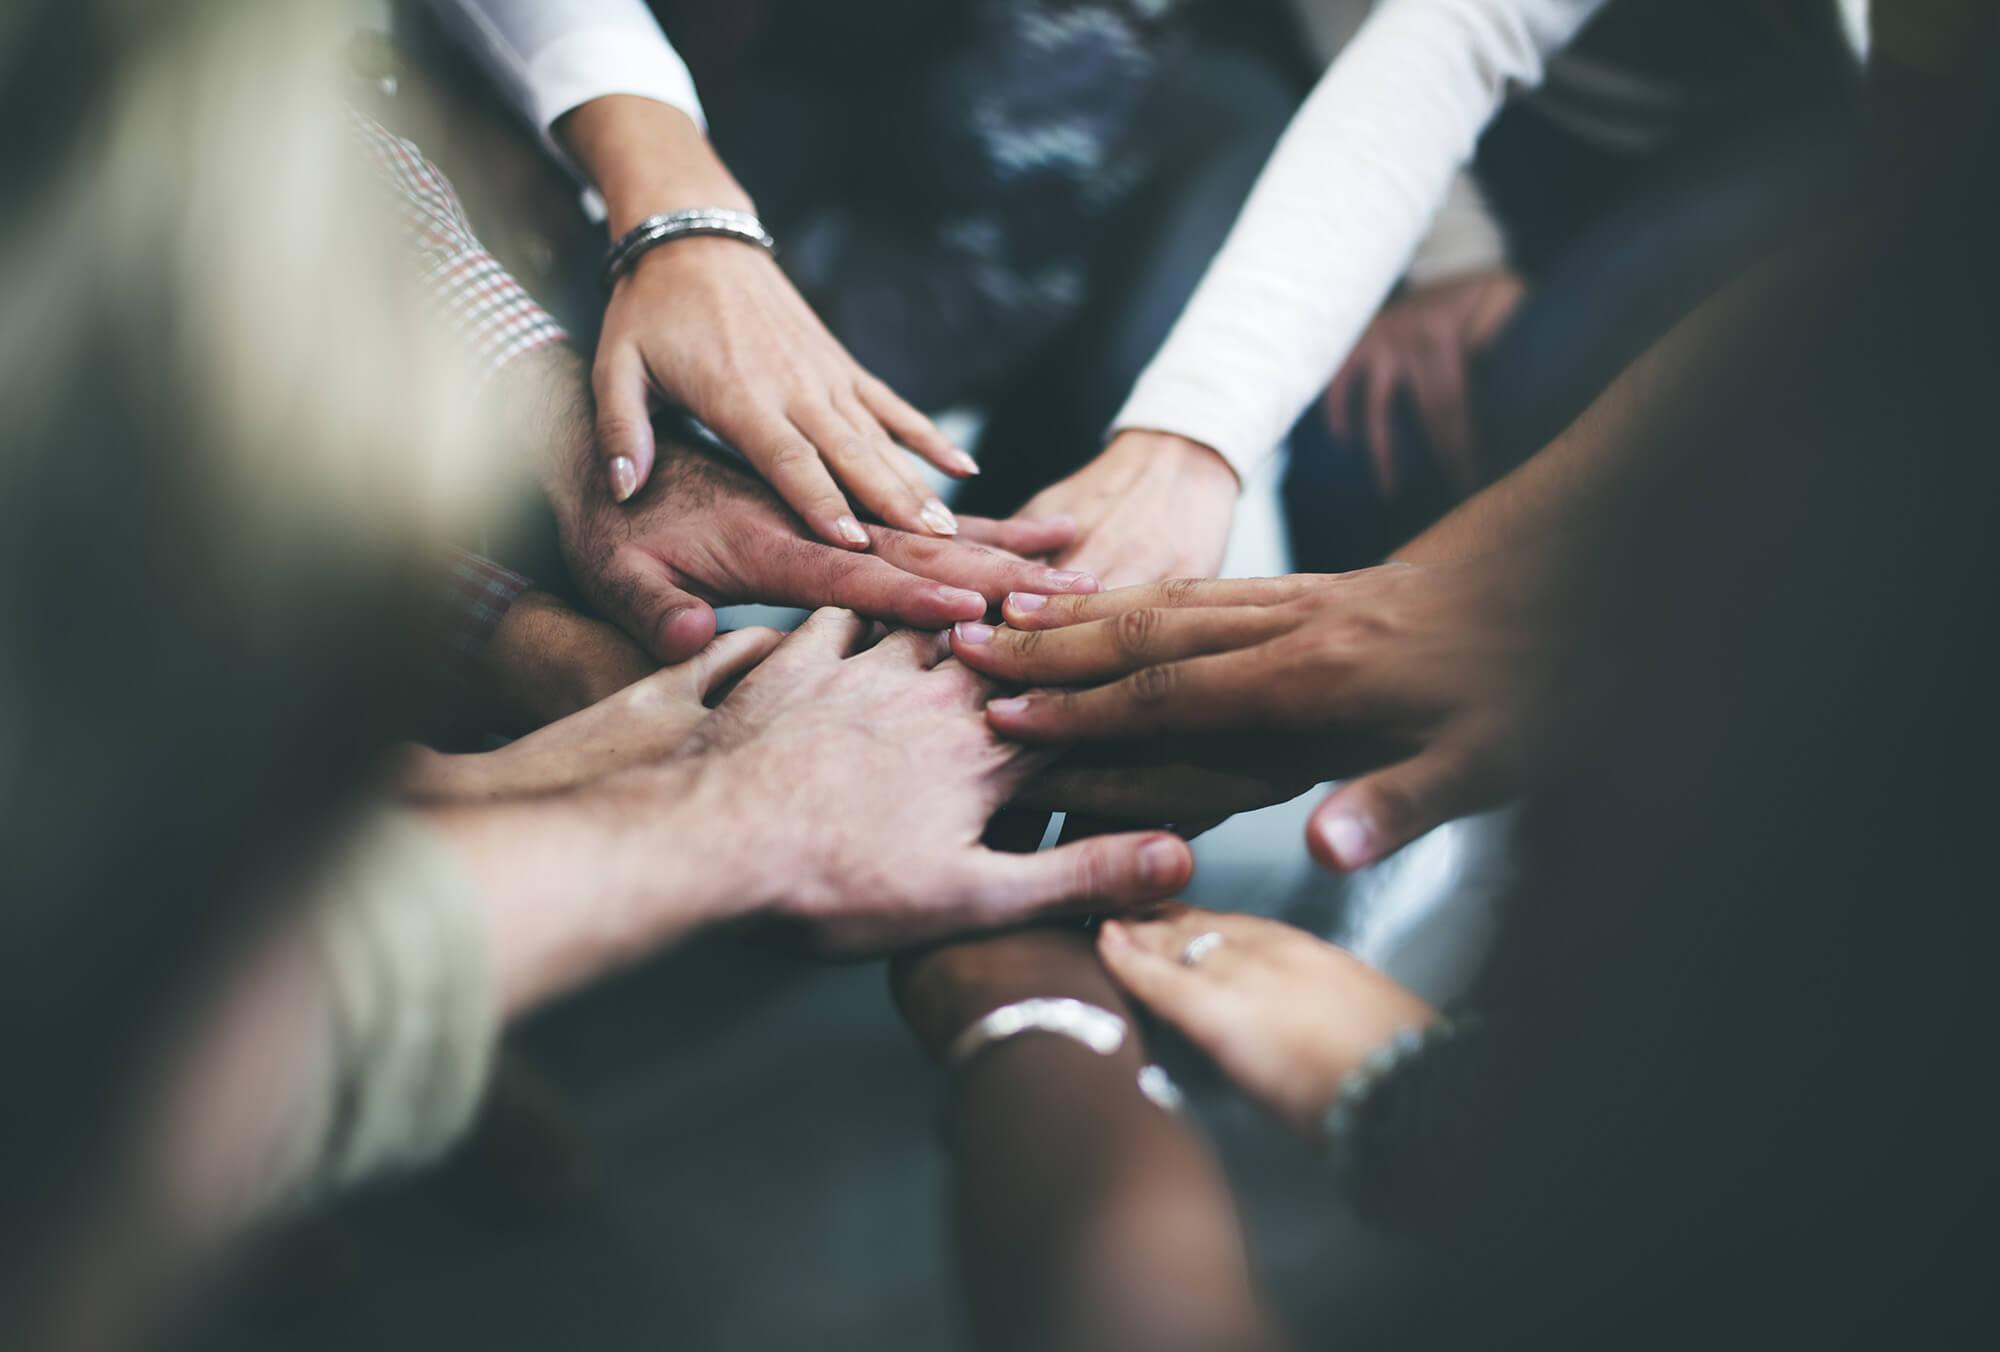 Team All Hands